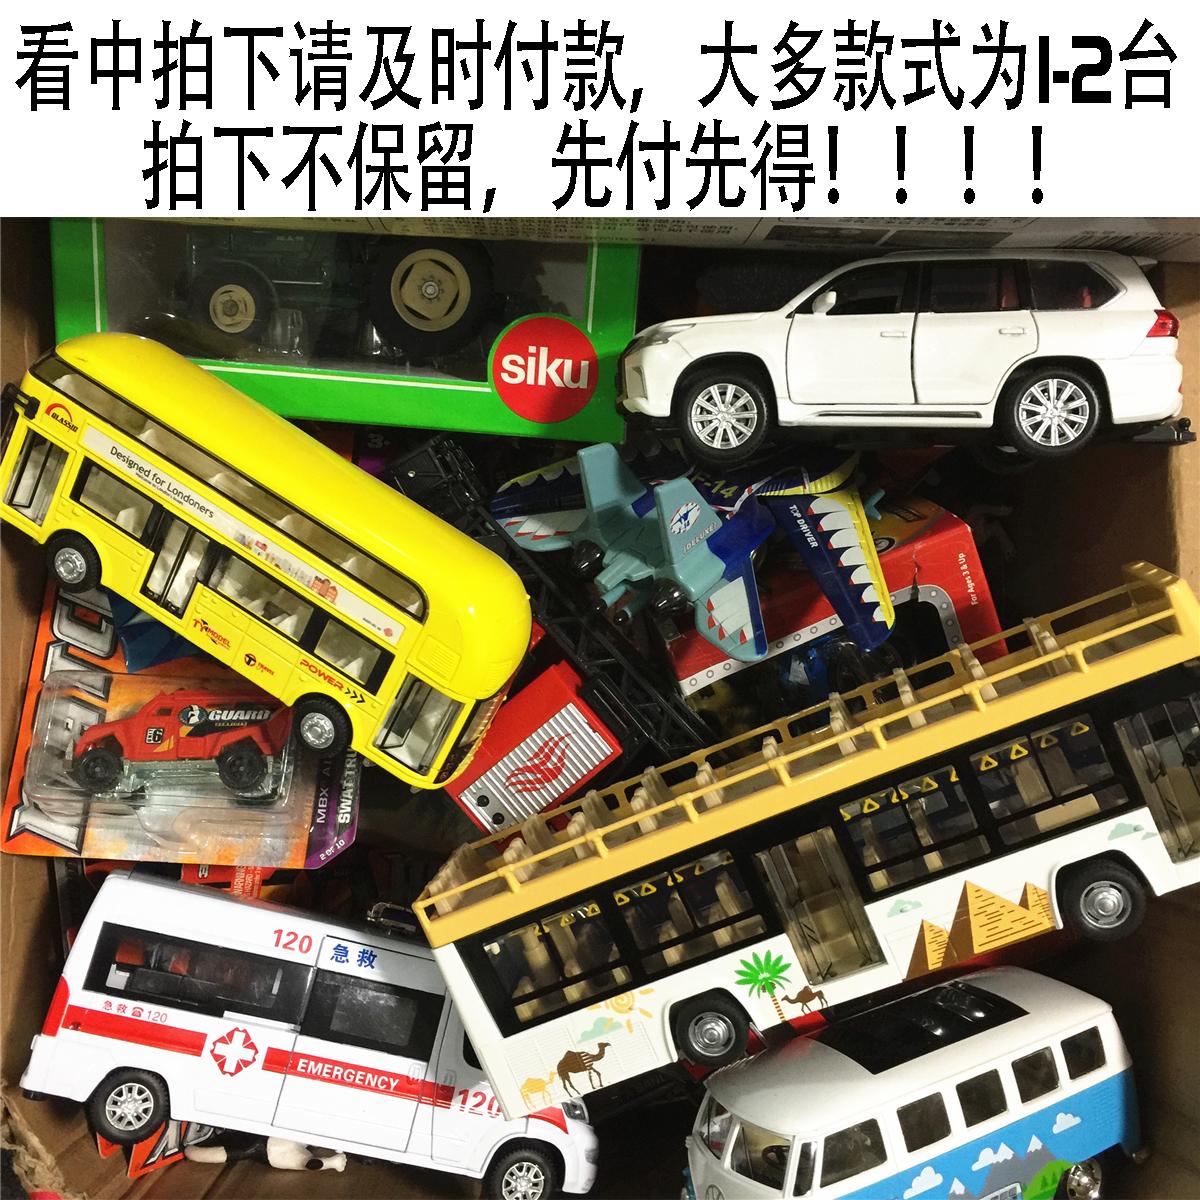 满68包邮亏本清仓处理瑕疵品孤品合金车儿童玩具车公交车警车动物